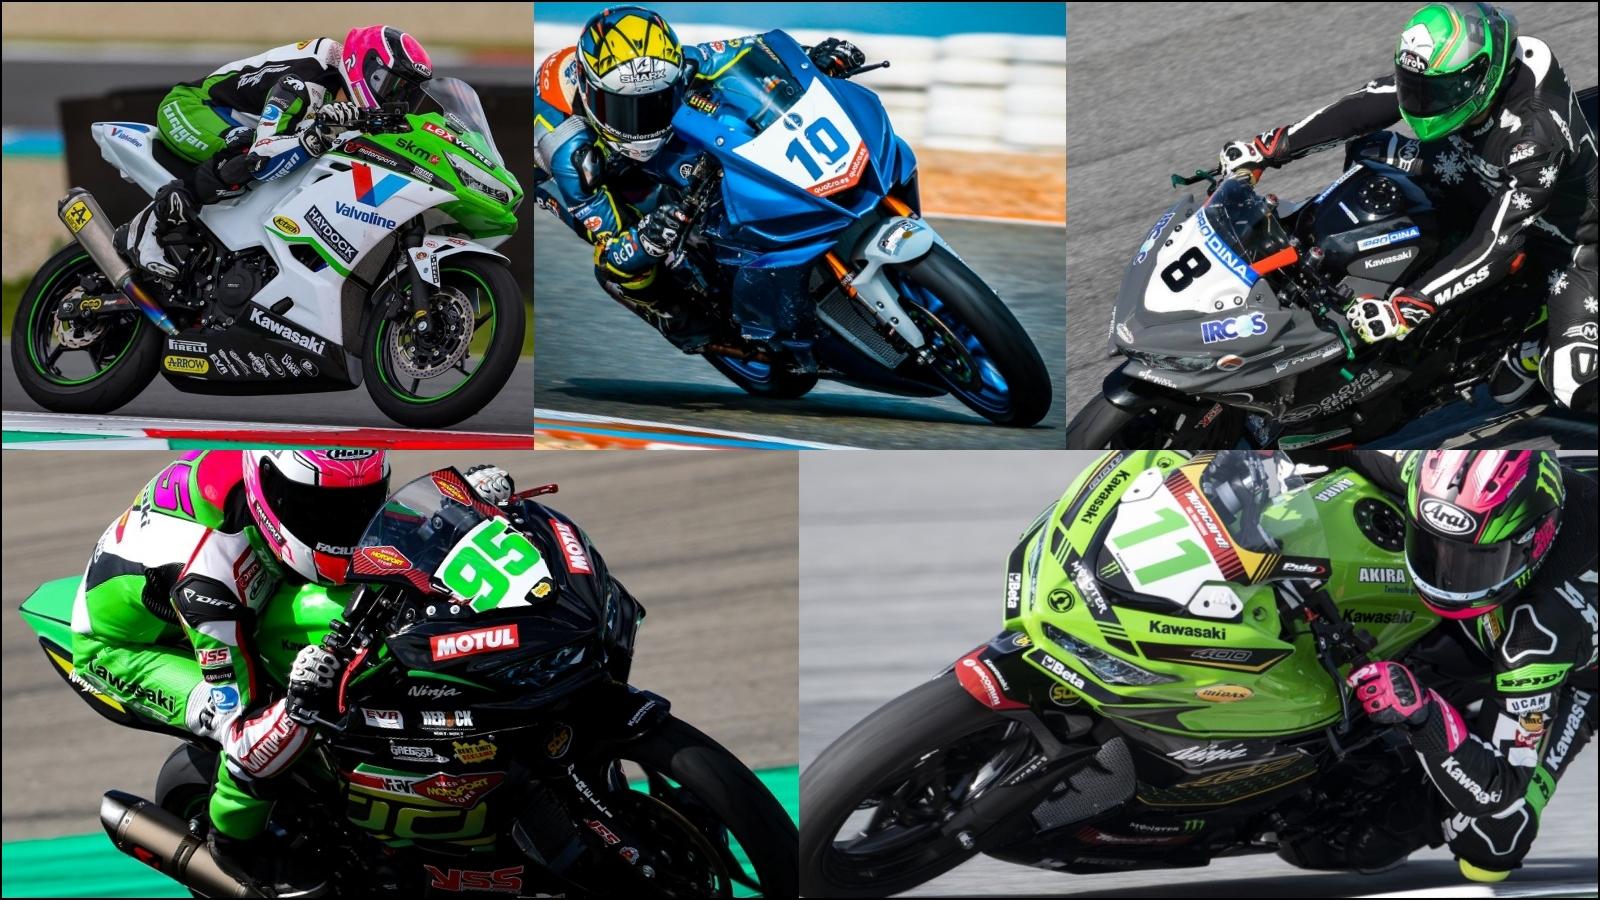 Supersport 300 2020: pilotos, motos, equipos, calendario, 11 españoles y cinco favoritos